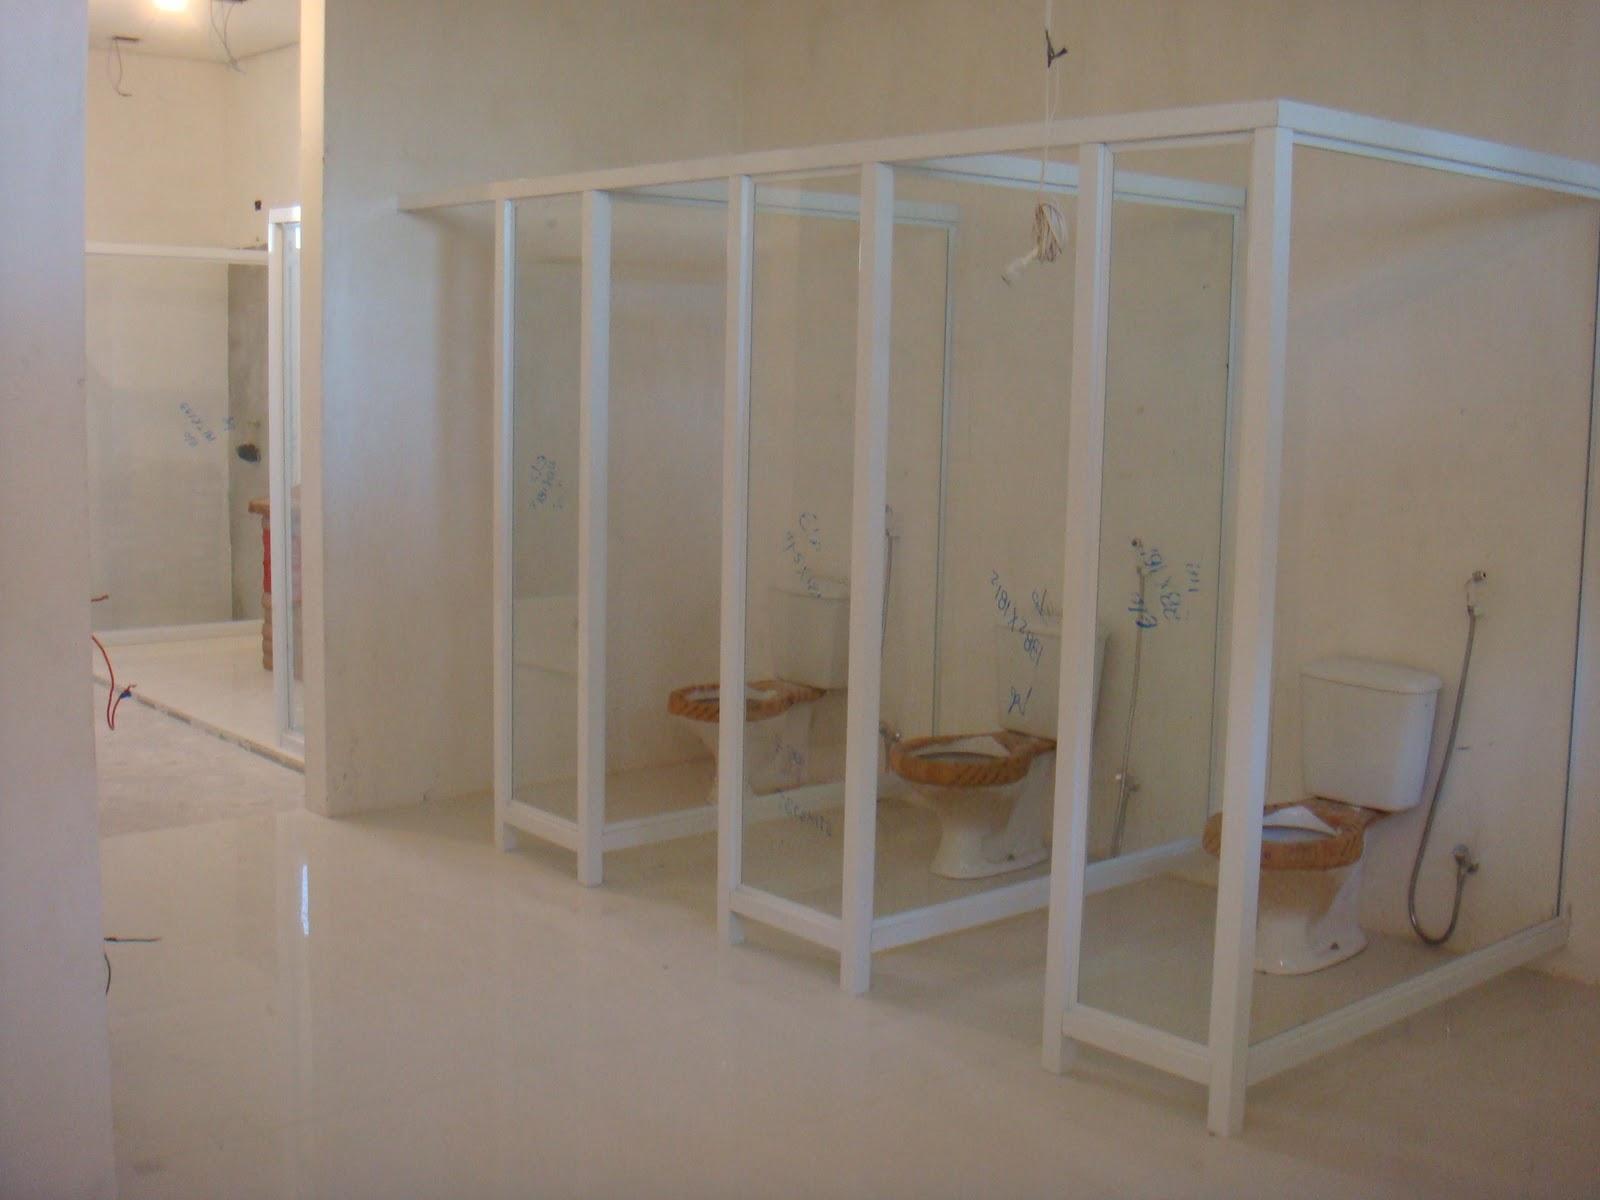 Área dos banheiros com divisórias em vidro coloridos porcelanato  #634B38 1600 1200